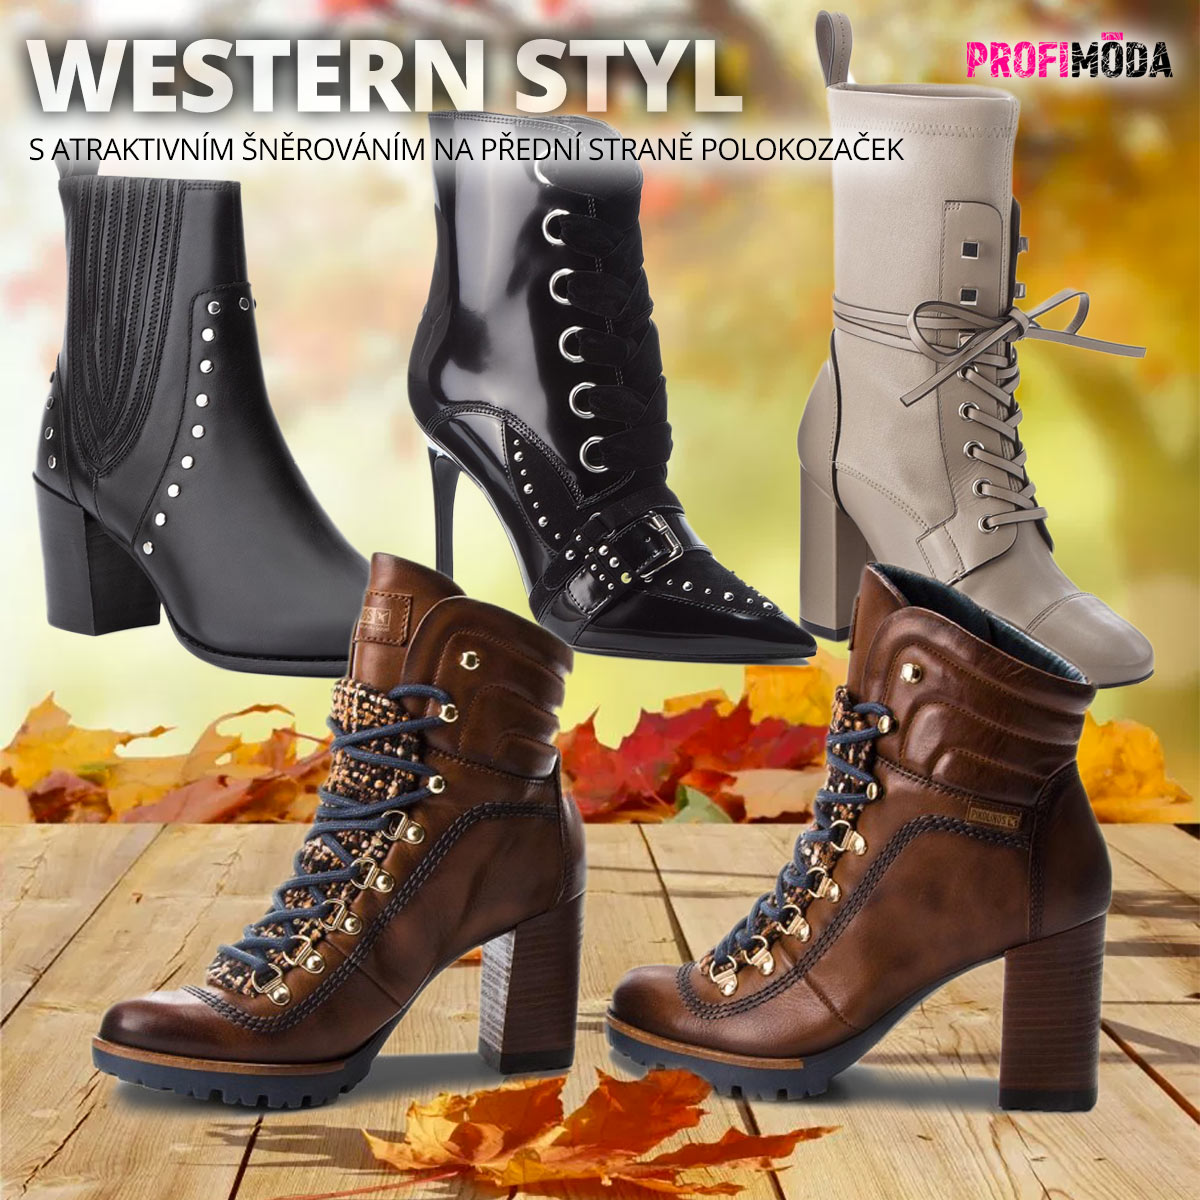 A opět je tady špetka western stylu. Tentokrát však kovbojský styl předčila móda frivolních dam Divokého západu.